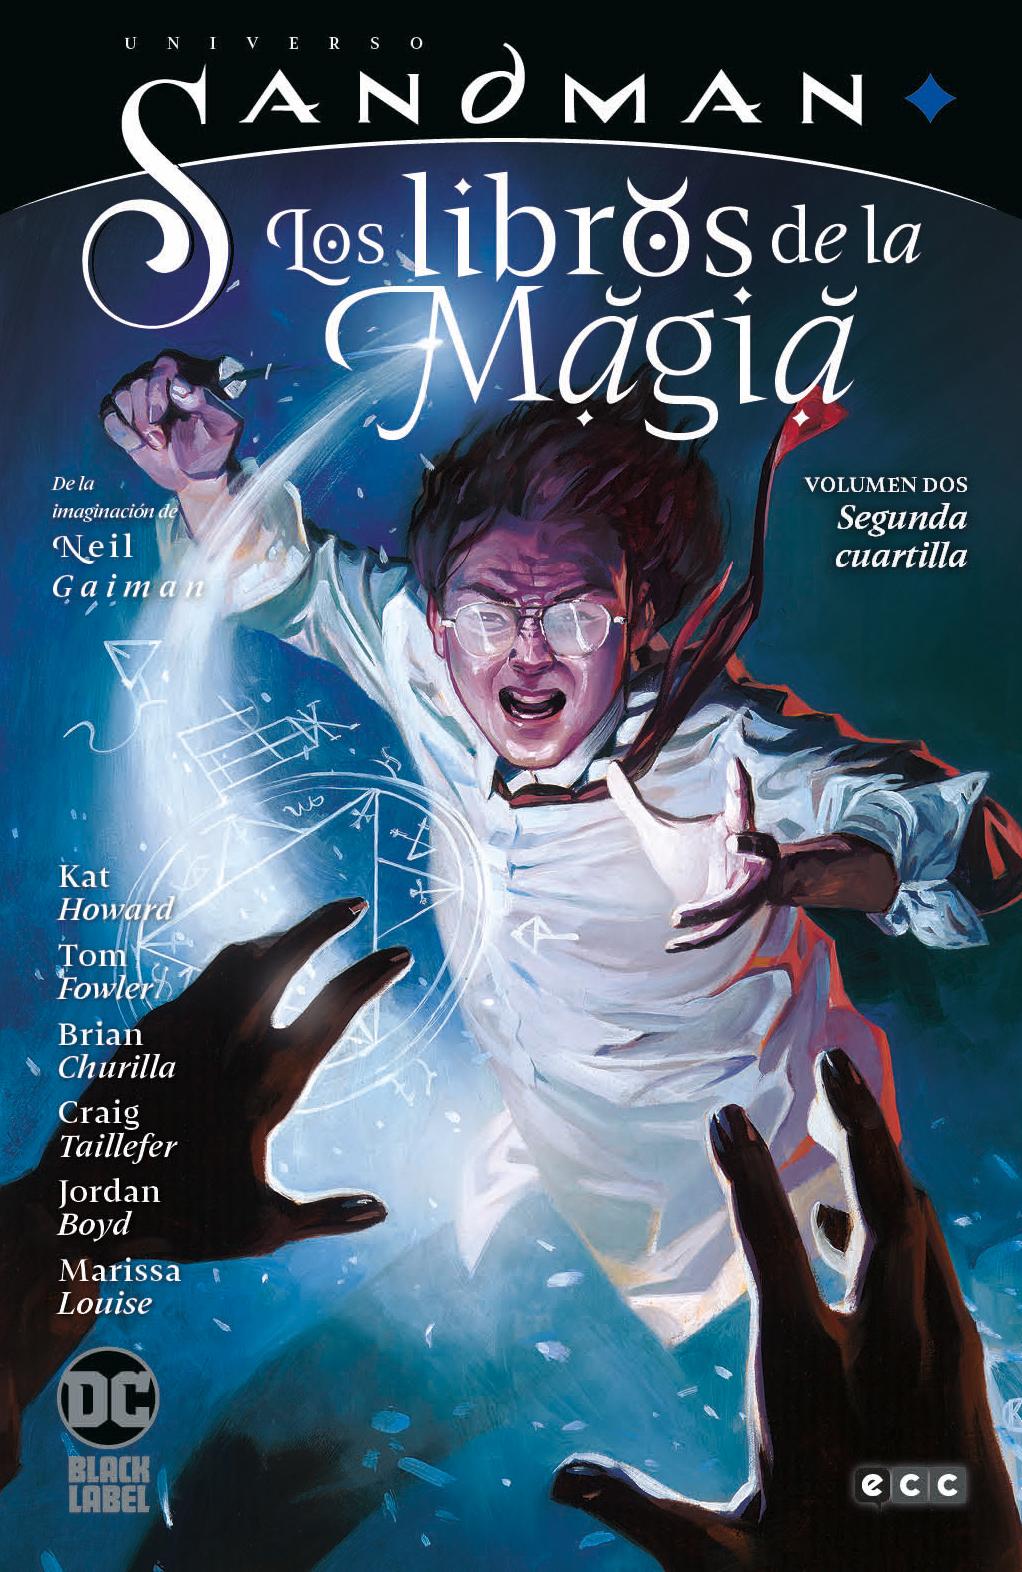 Universo Sandman - Los libros de la magia vol. 2: Segunda cuartilla